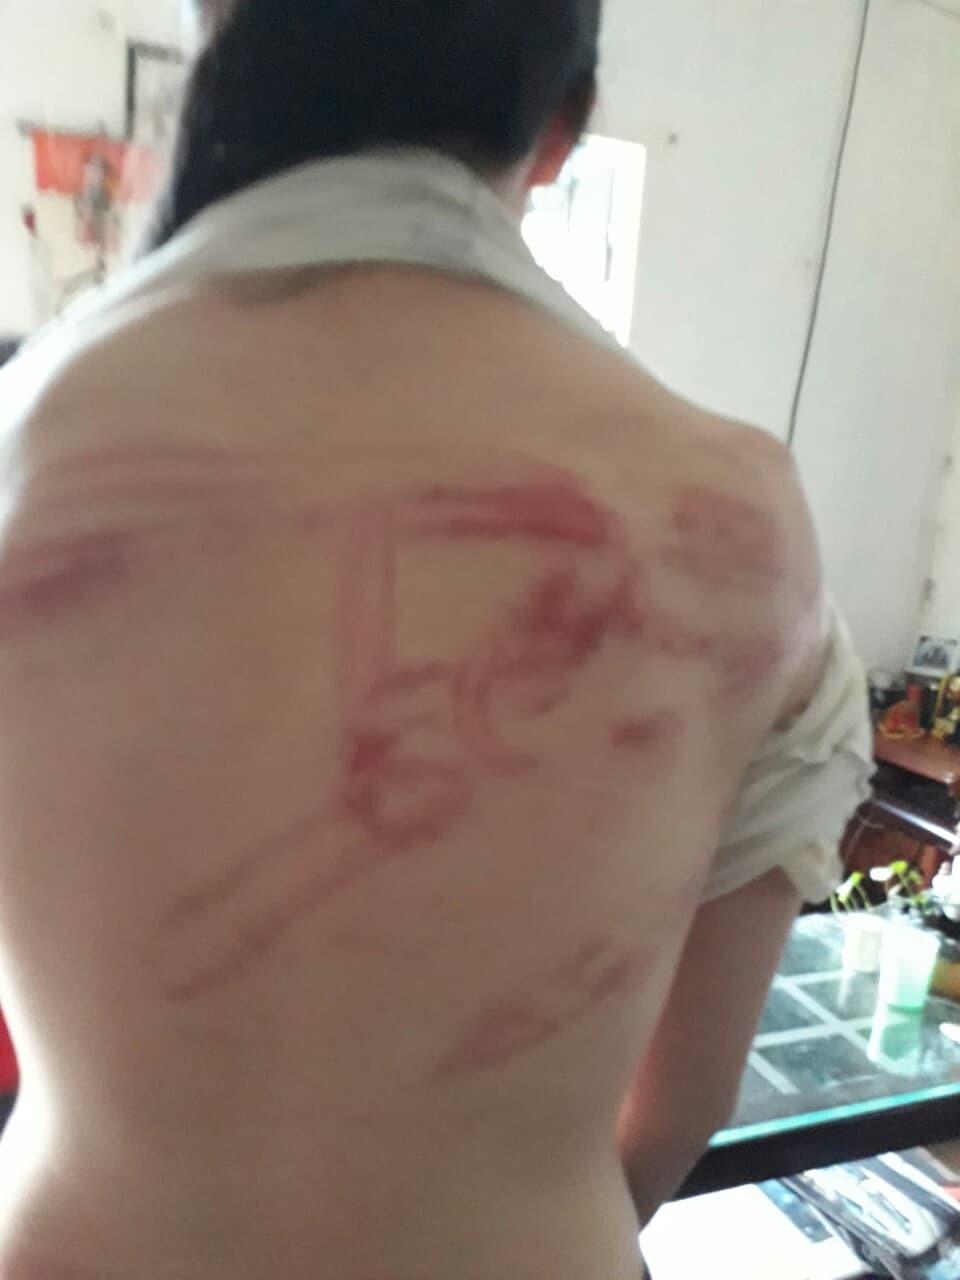 Giây phút bố đẻ khóa trái cửa, dùng tuýp sắt bạo hành dã man 2 con ở Hà Nội: Nó đánh con như đánh kẻ thù vậy! - Ảnh 3.